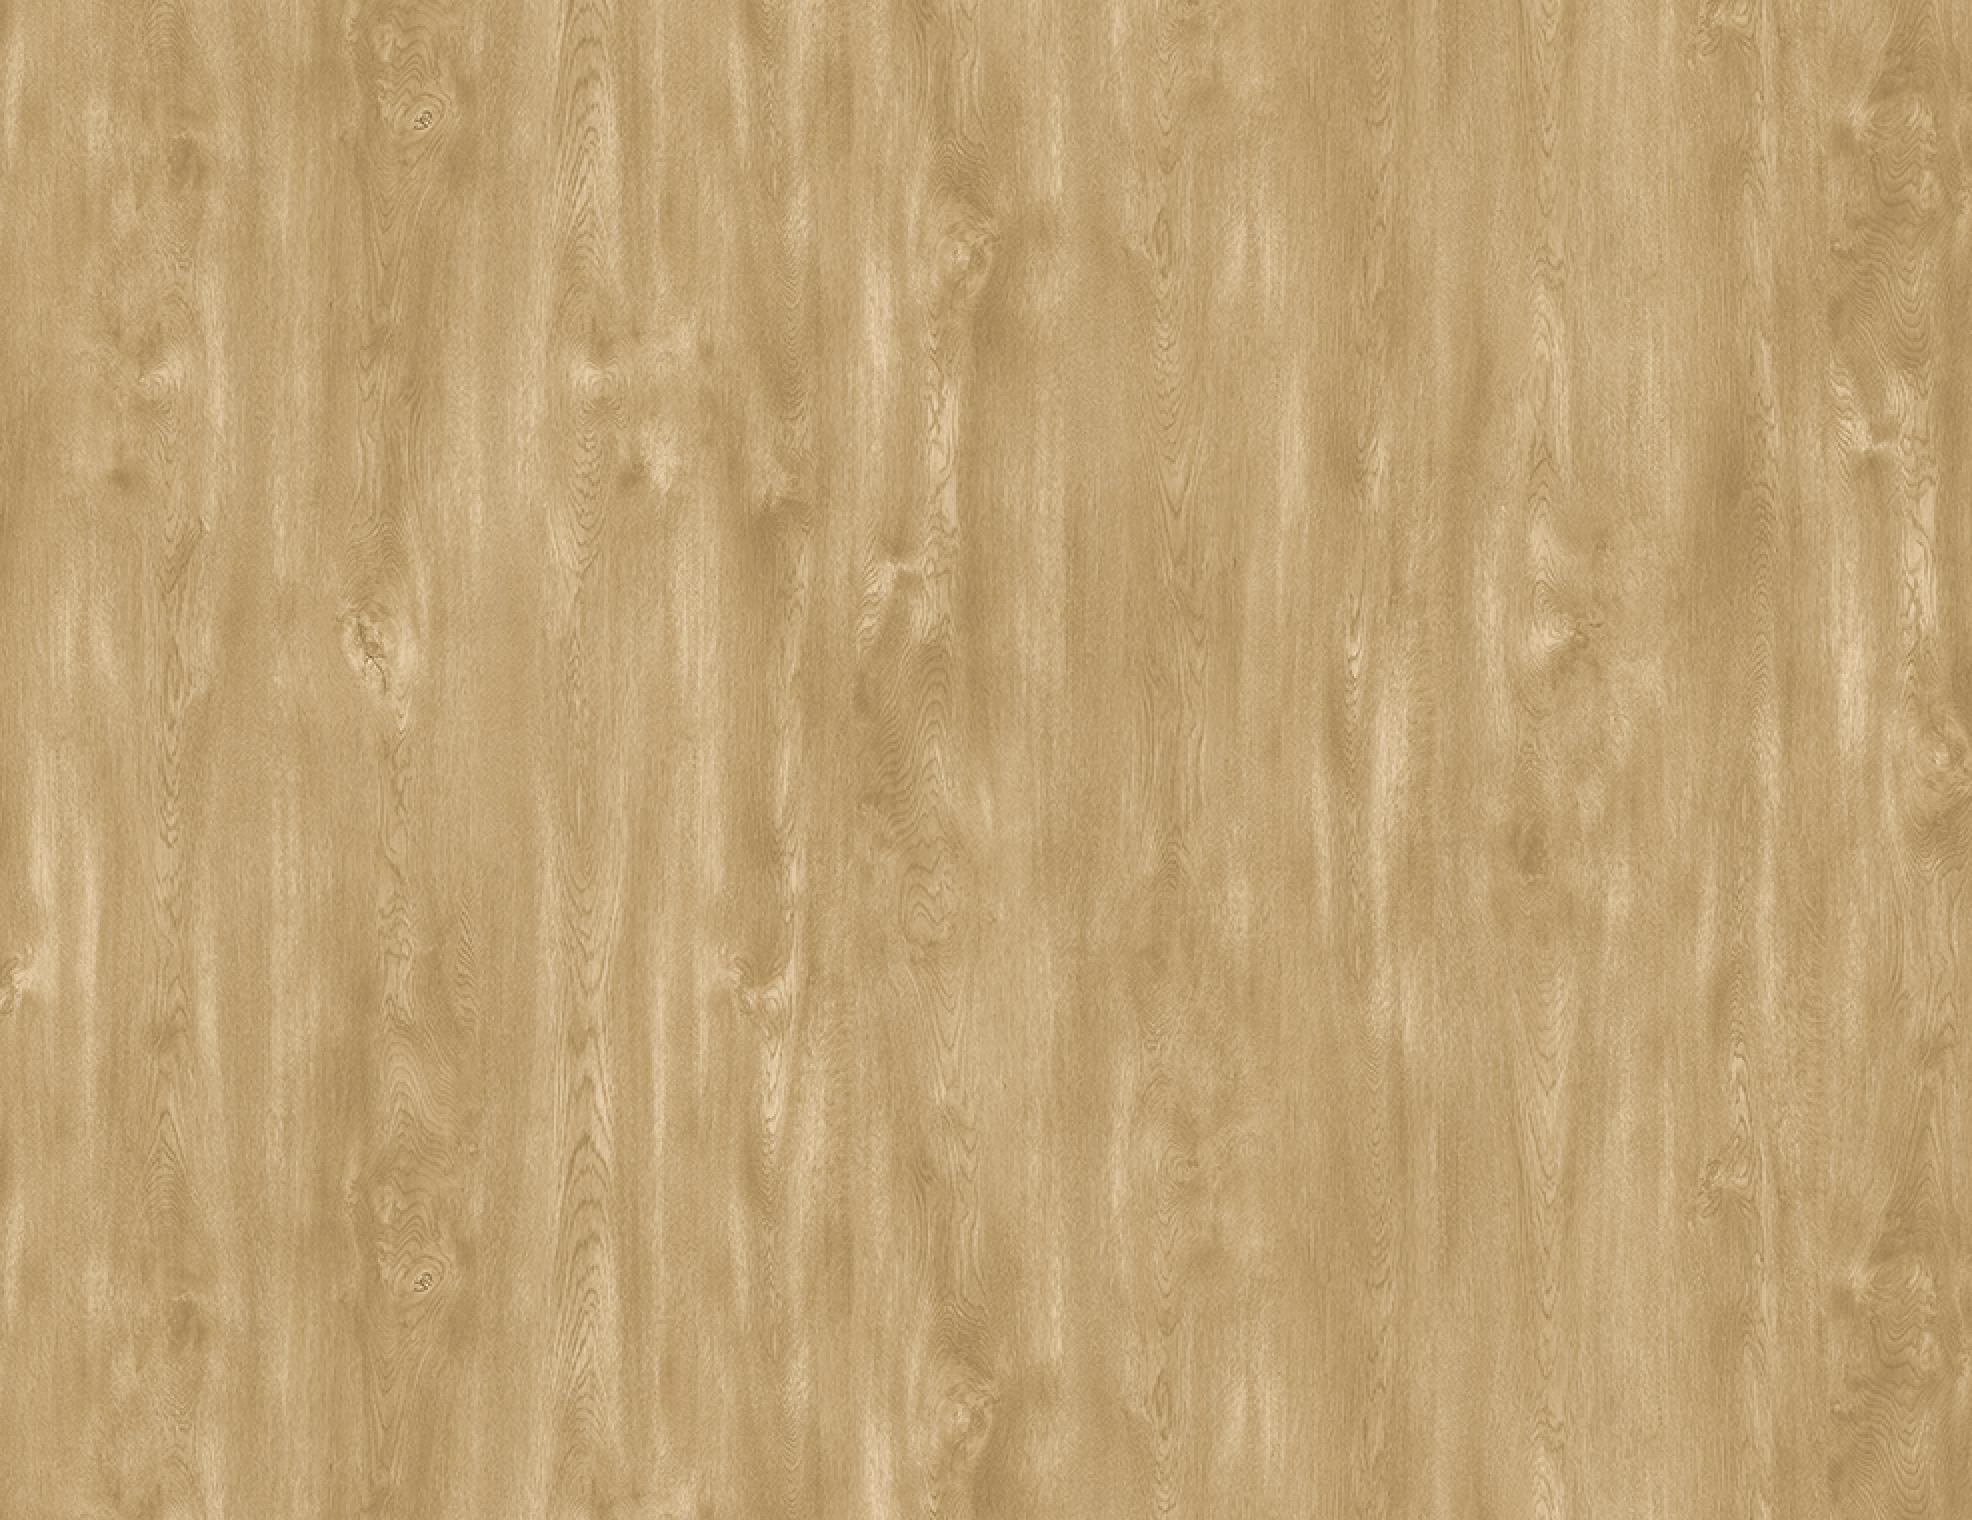 Wood Knotty Pine